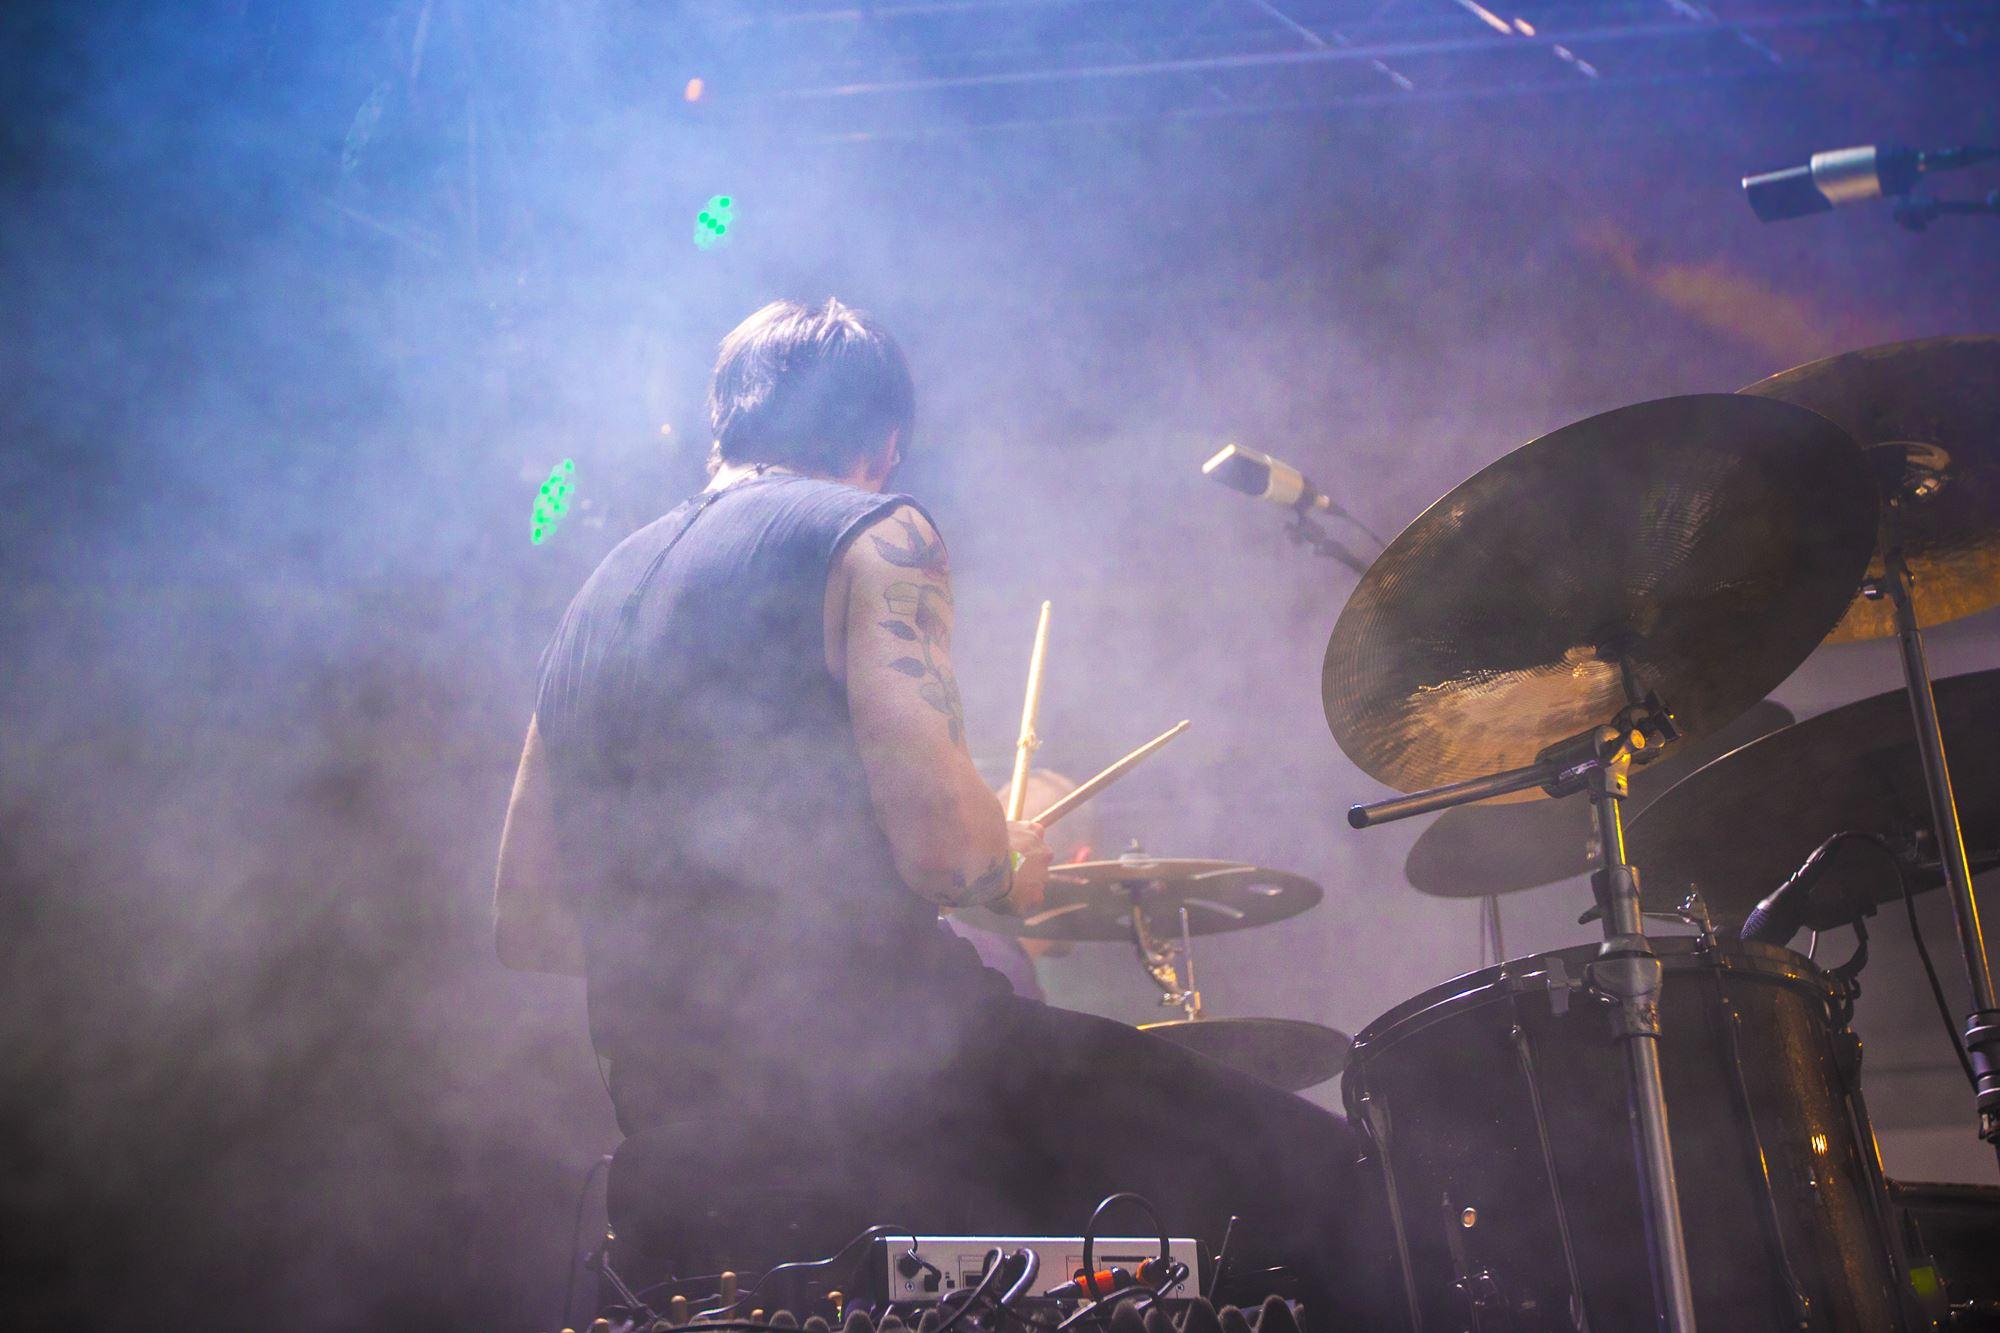 โปรแกรม VST, VSTi, Plugin จำลองเสียงกลอง ปลั๊กอินเสียงกลอง มากมาย ราคาถูกโหลดเร็ว ไม่ว่าจะ EZ Drummer, EZ Drummer2, EZX, Addictive Drum 2, SSD4, Kontakt Drum, Toontrack : Superior Drummer 2, Native Instruments : Abbey Road 80s Drummer, Steven Slate Drums Platinum Ssd4 ต้องการโปรแกรมไหนเพิ่มเติมสามารถสั่งไว้ไดตลอดครับ ยินดีจัดหาให้ในราคาถูกสุดคุ้มแน่นอนครับ